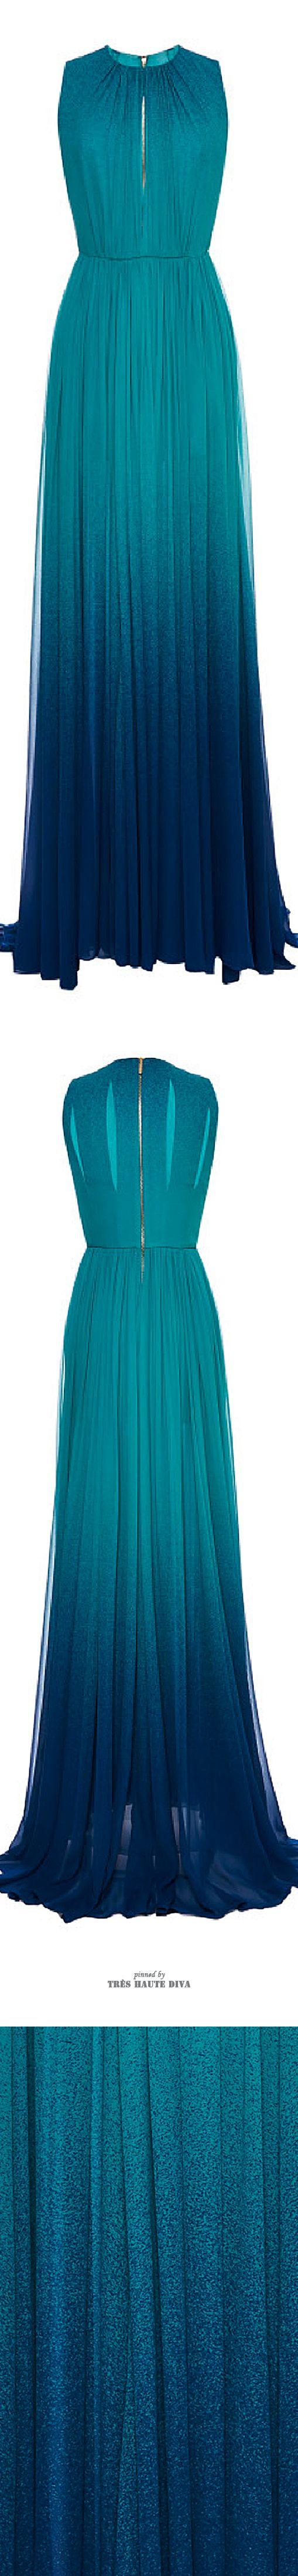 este vestido se puede convertir en cualquier otro vestido segun la ocasion con solo con apretarle un boton